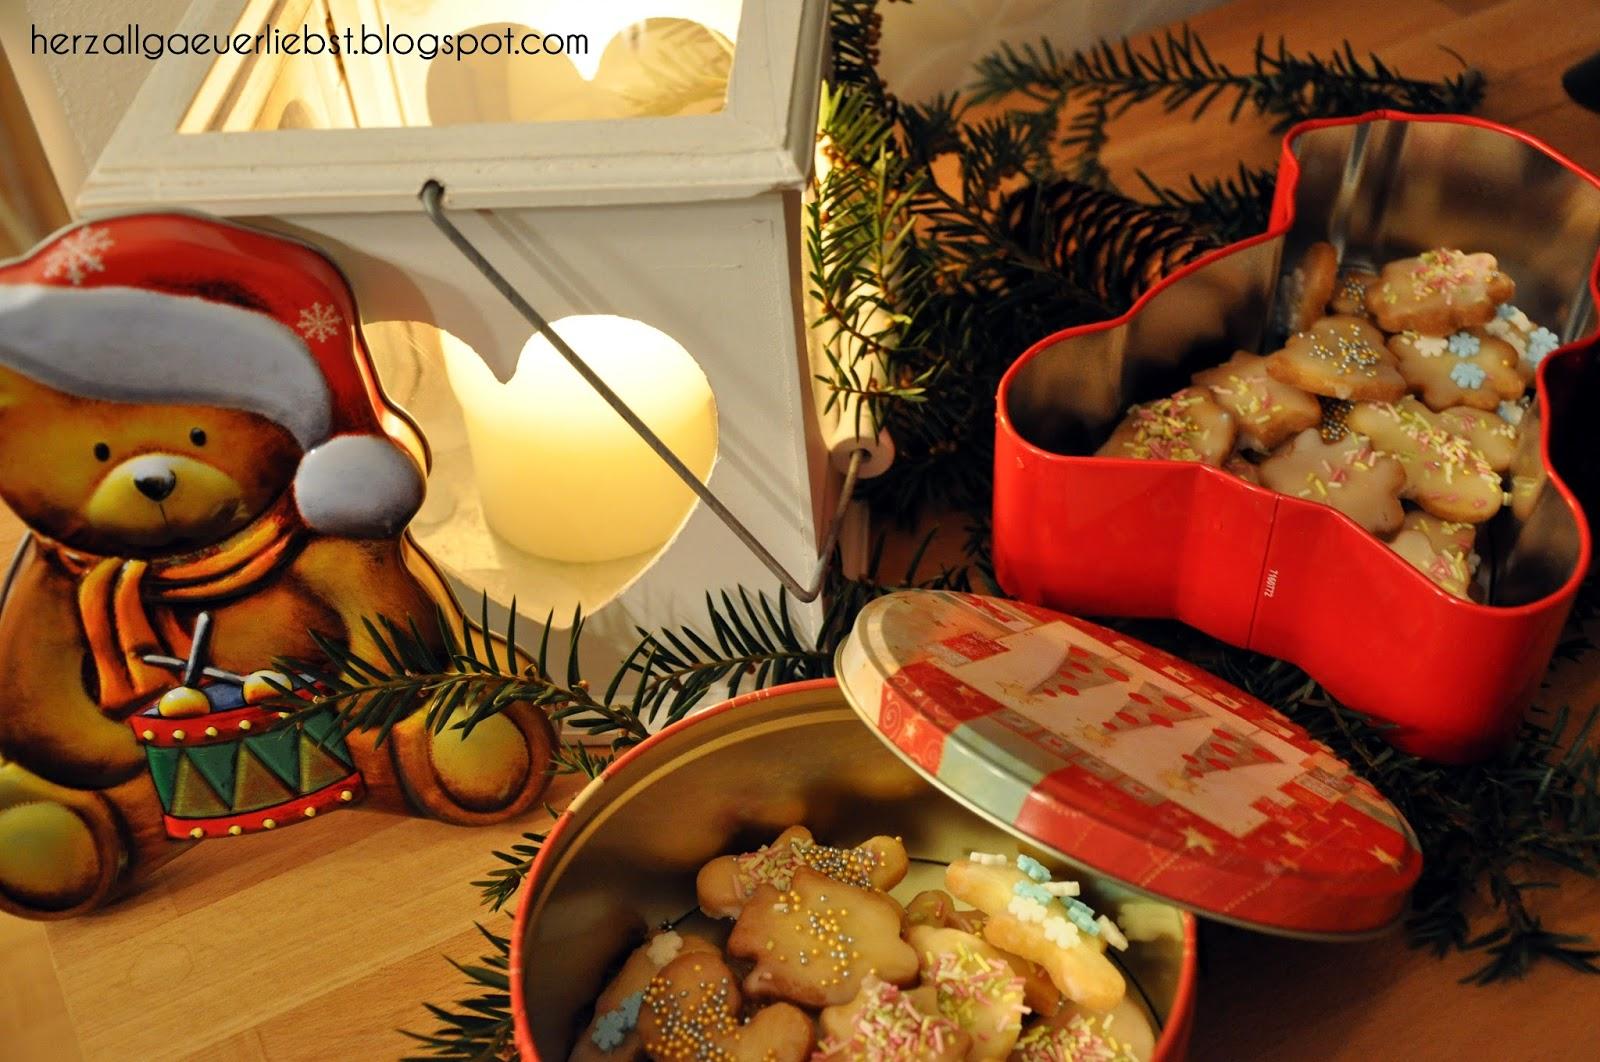 herzallg uerliebst in der weihnachtsb ckerei. Black Bedroom Furniture Sets. Home Design Ideas